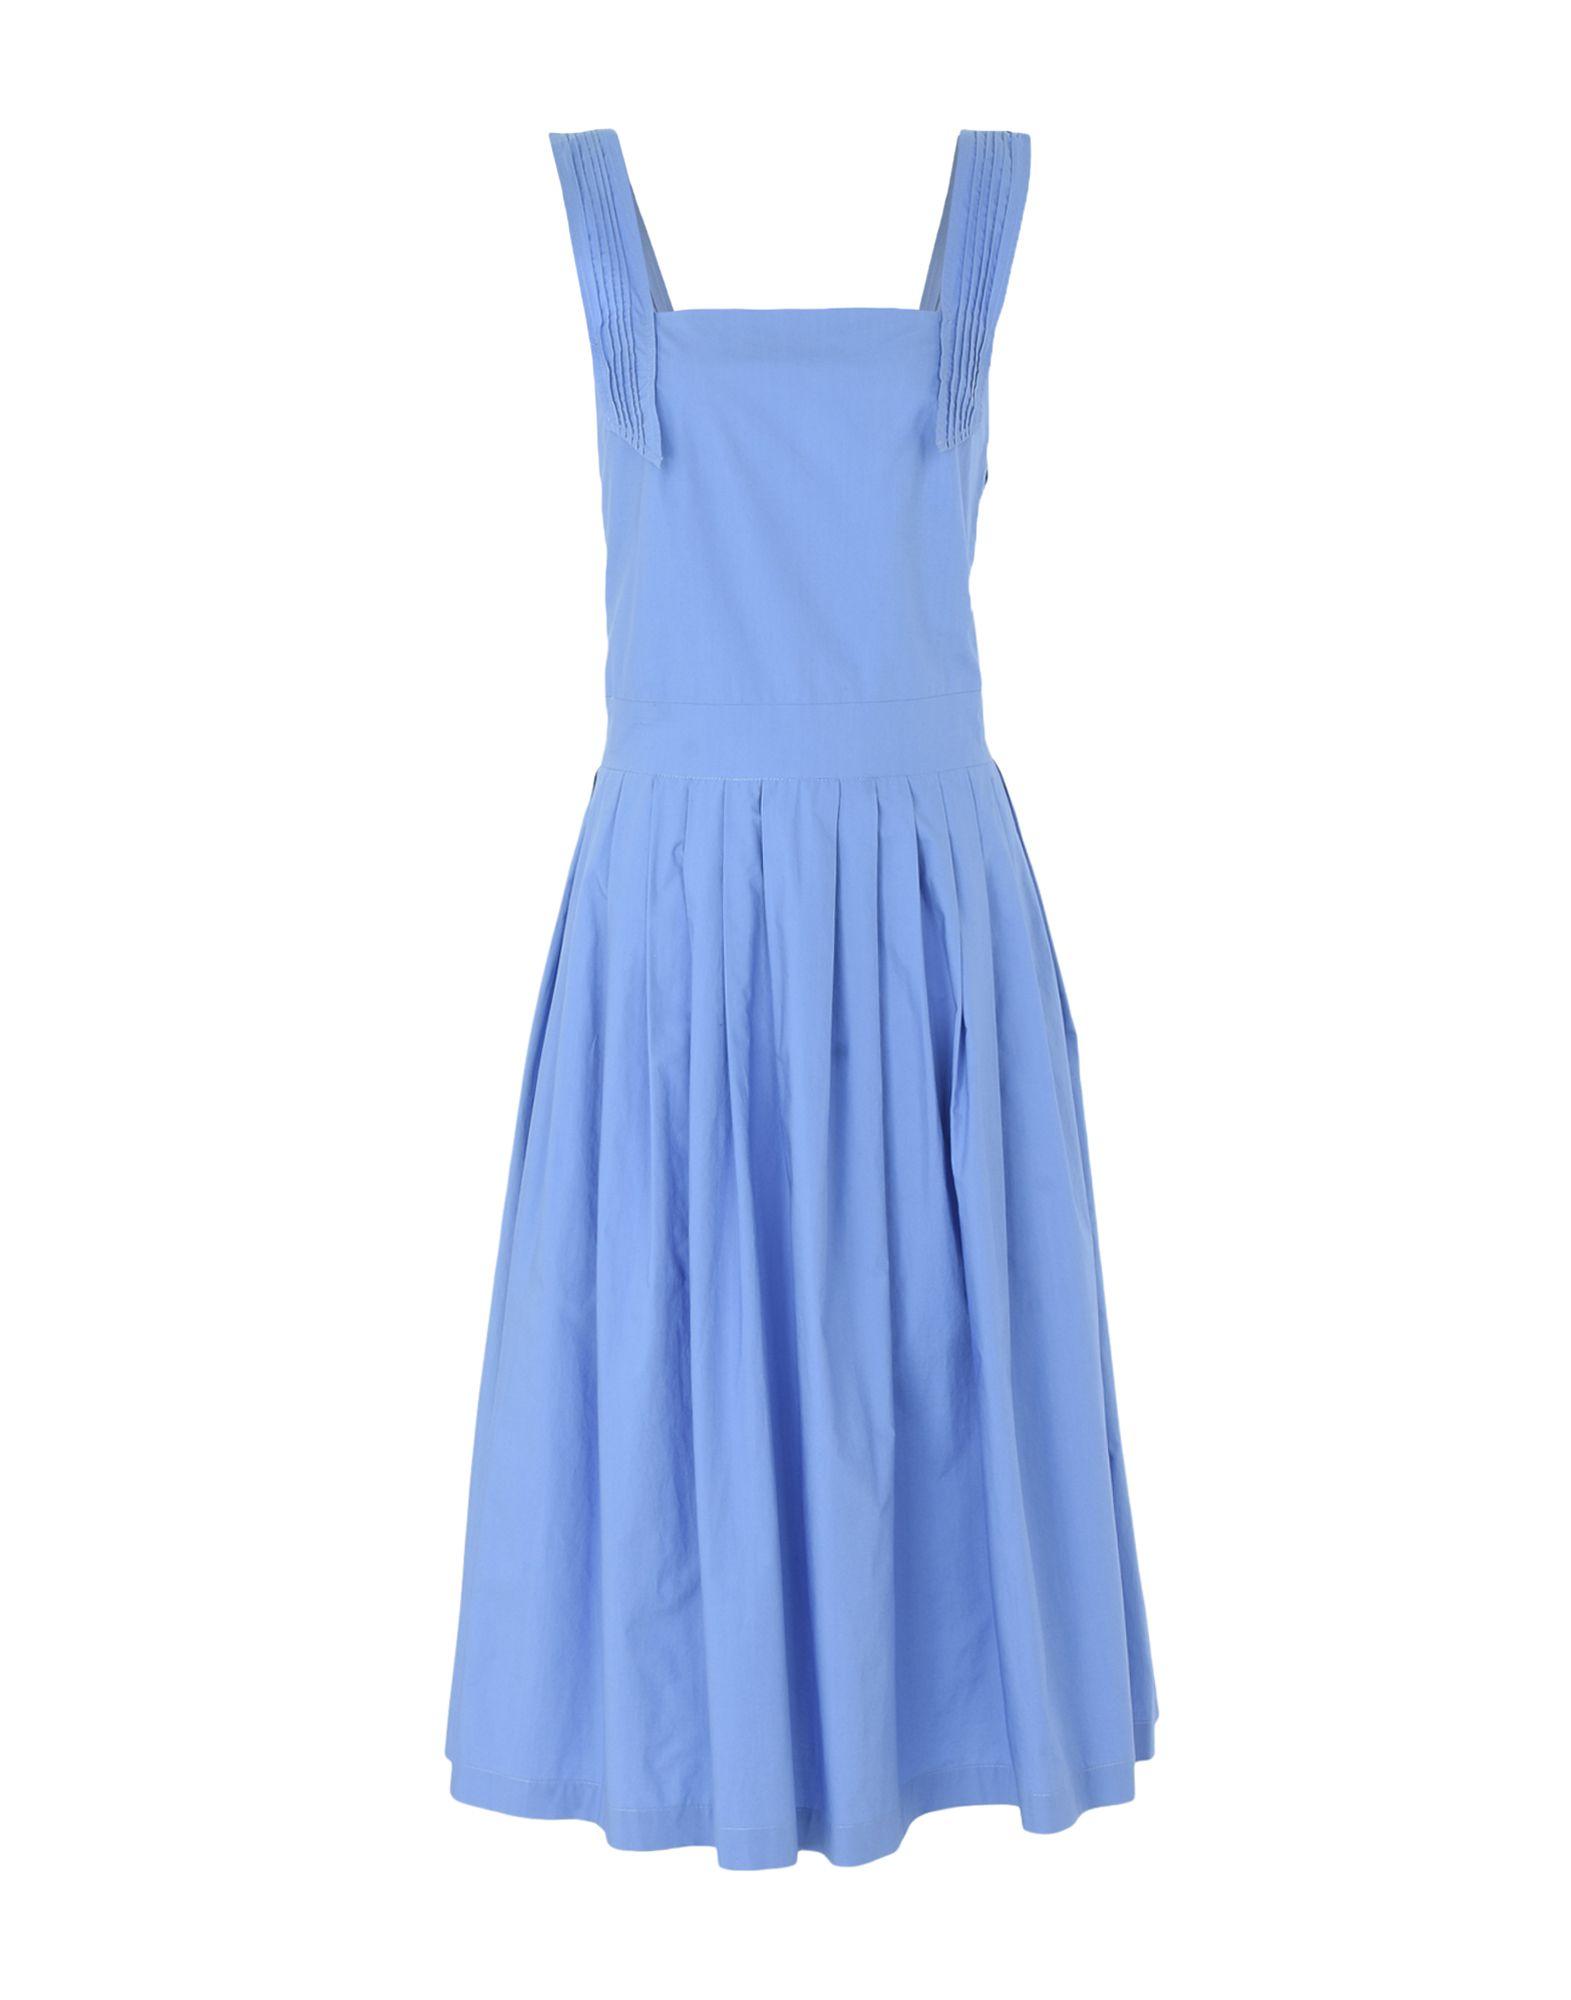 MAISON KITSUNÉ Платье длиной 3/4 цена